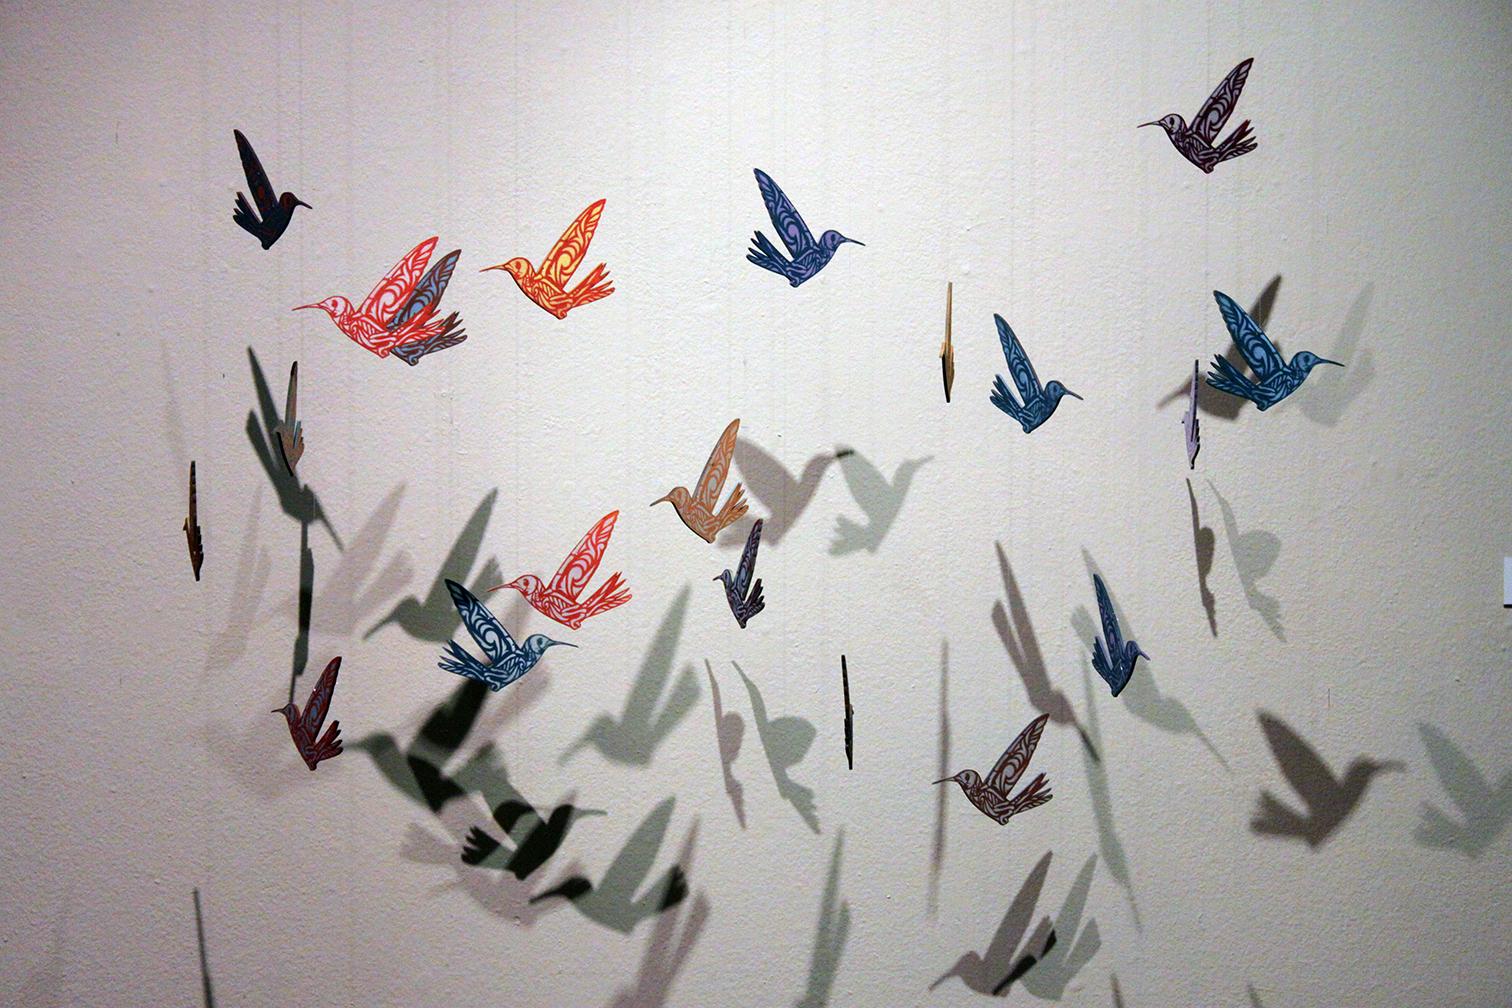 Arte_Birds_Oscar_Magallanes_med